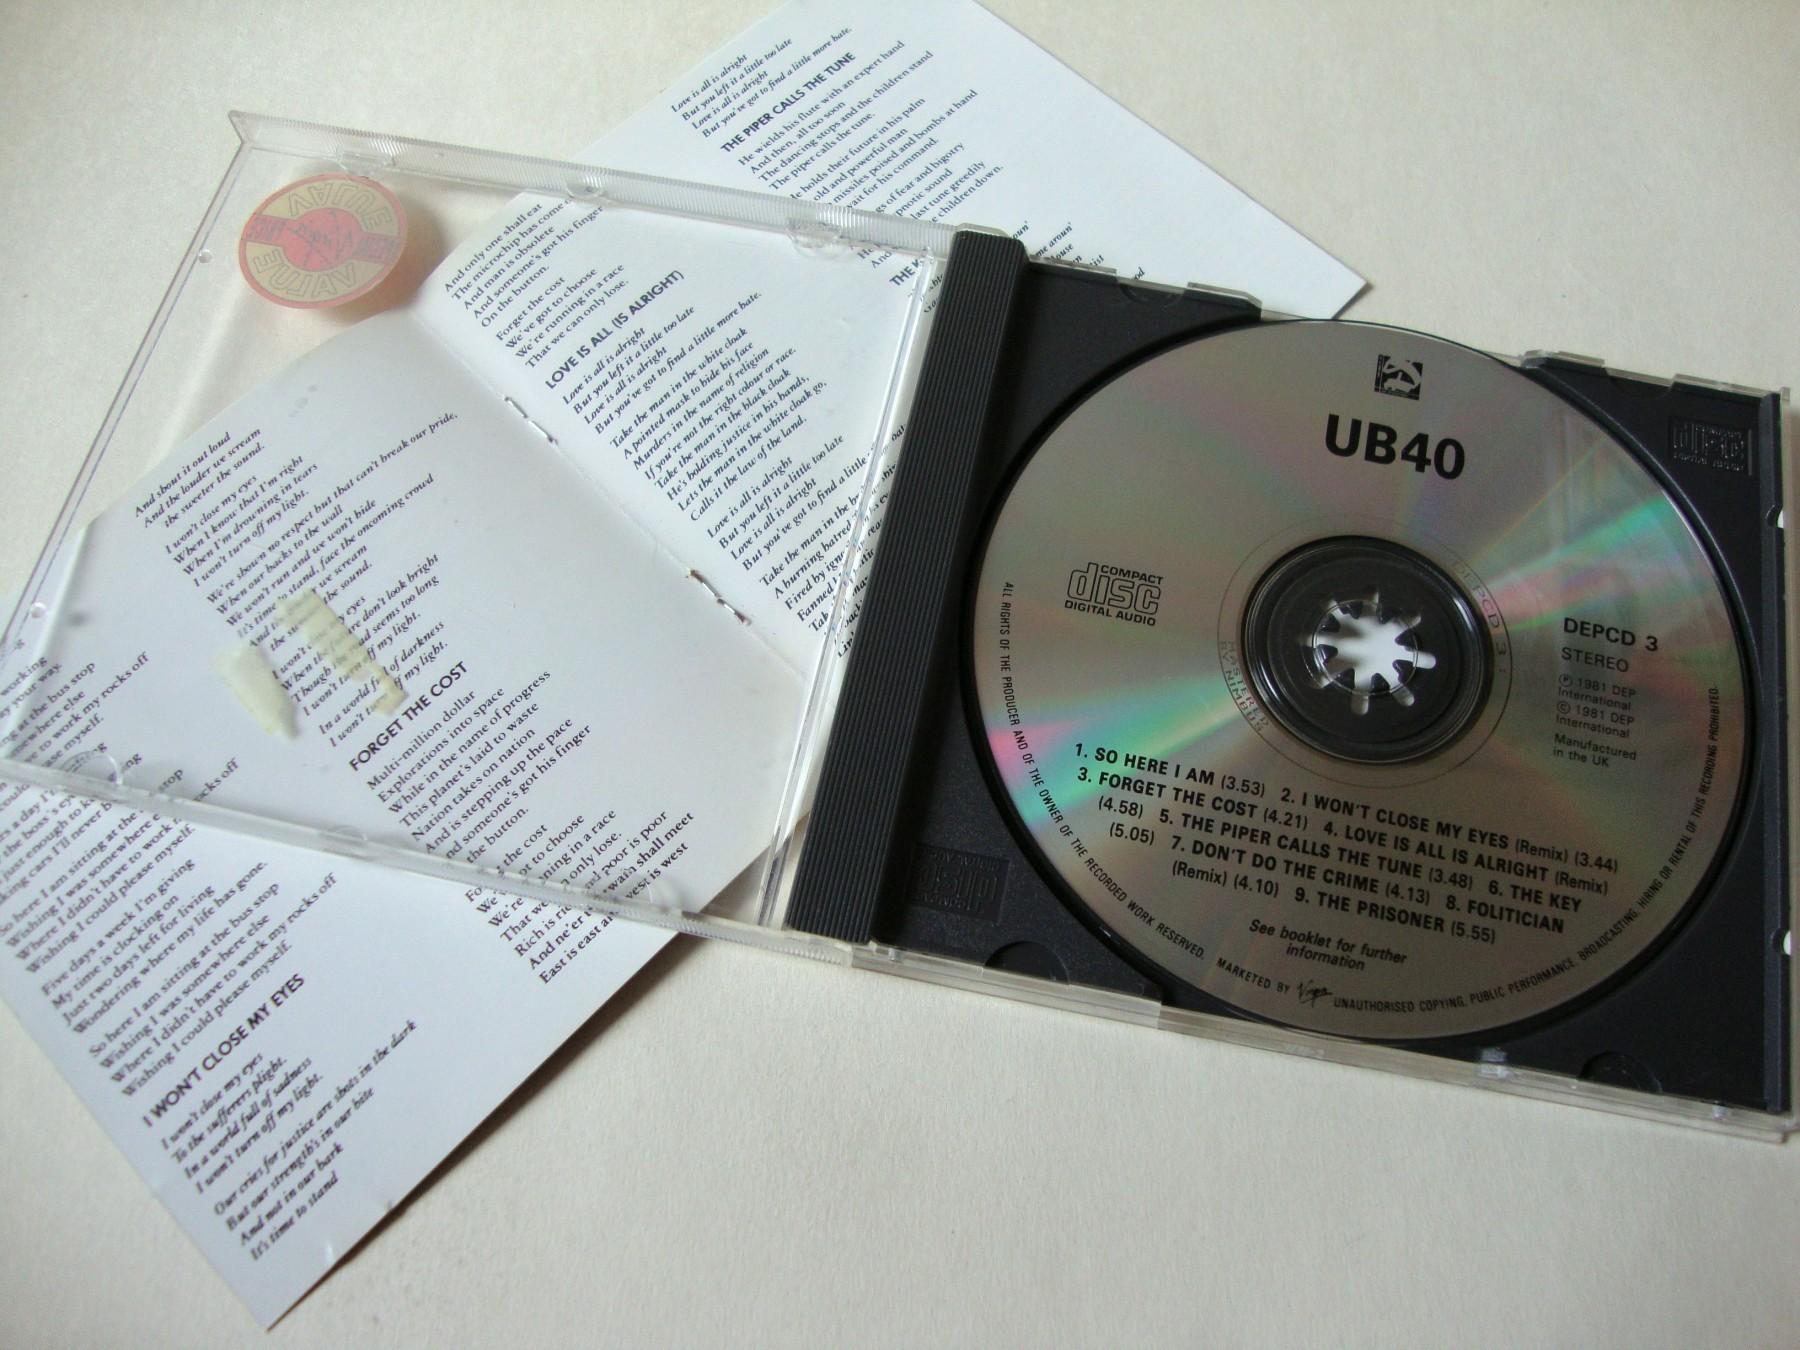 UB40 - UB44 - Kupindo com (53252561)